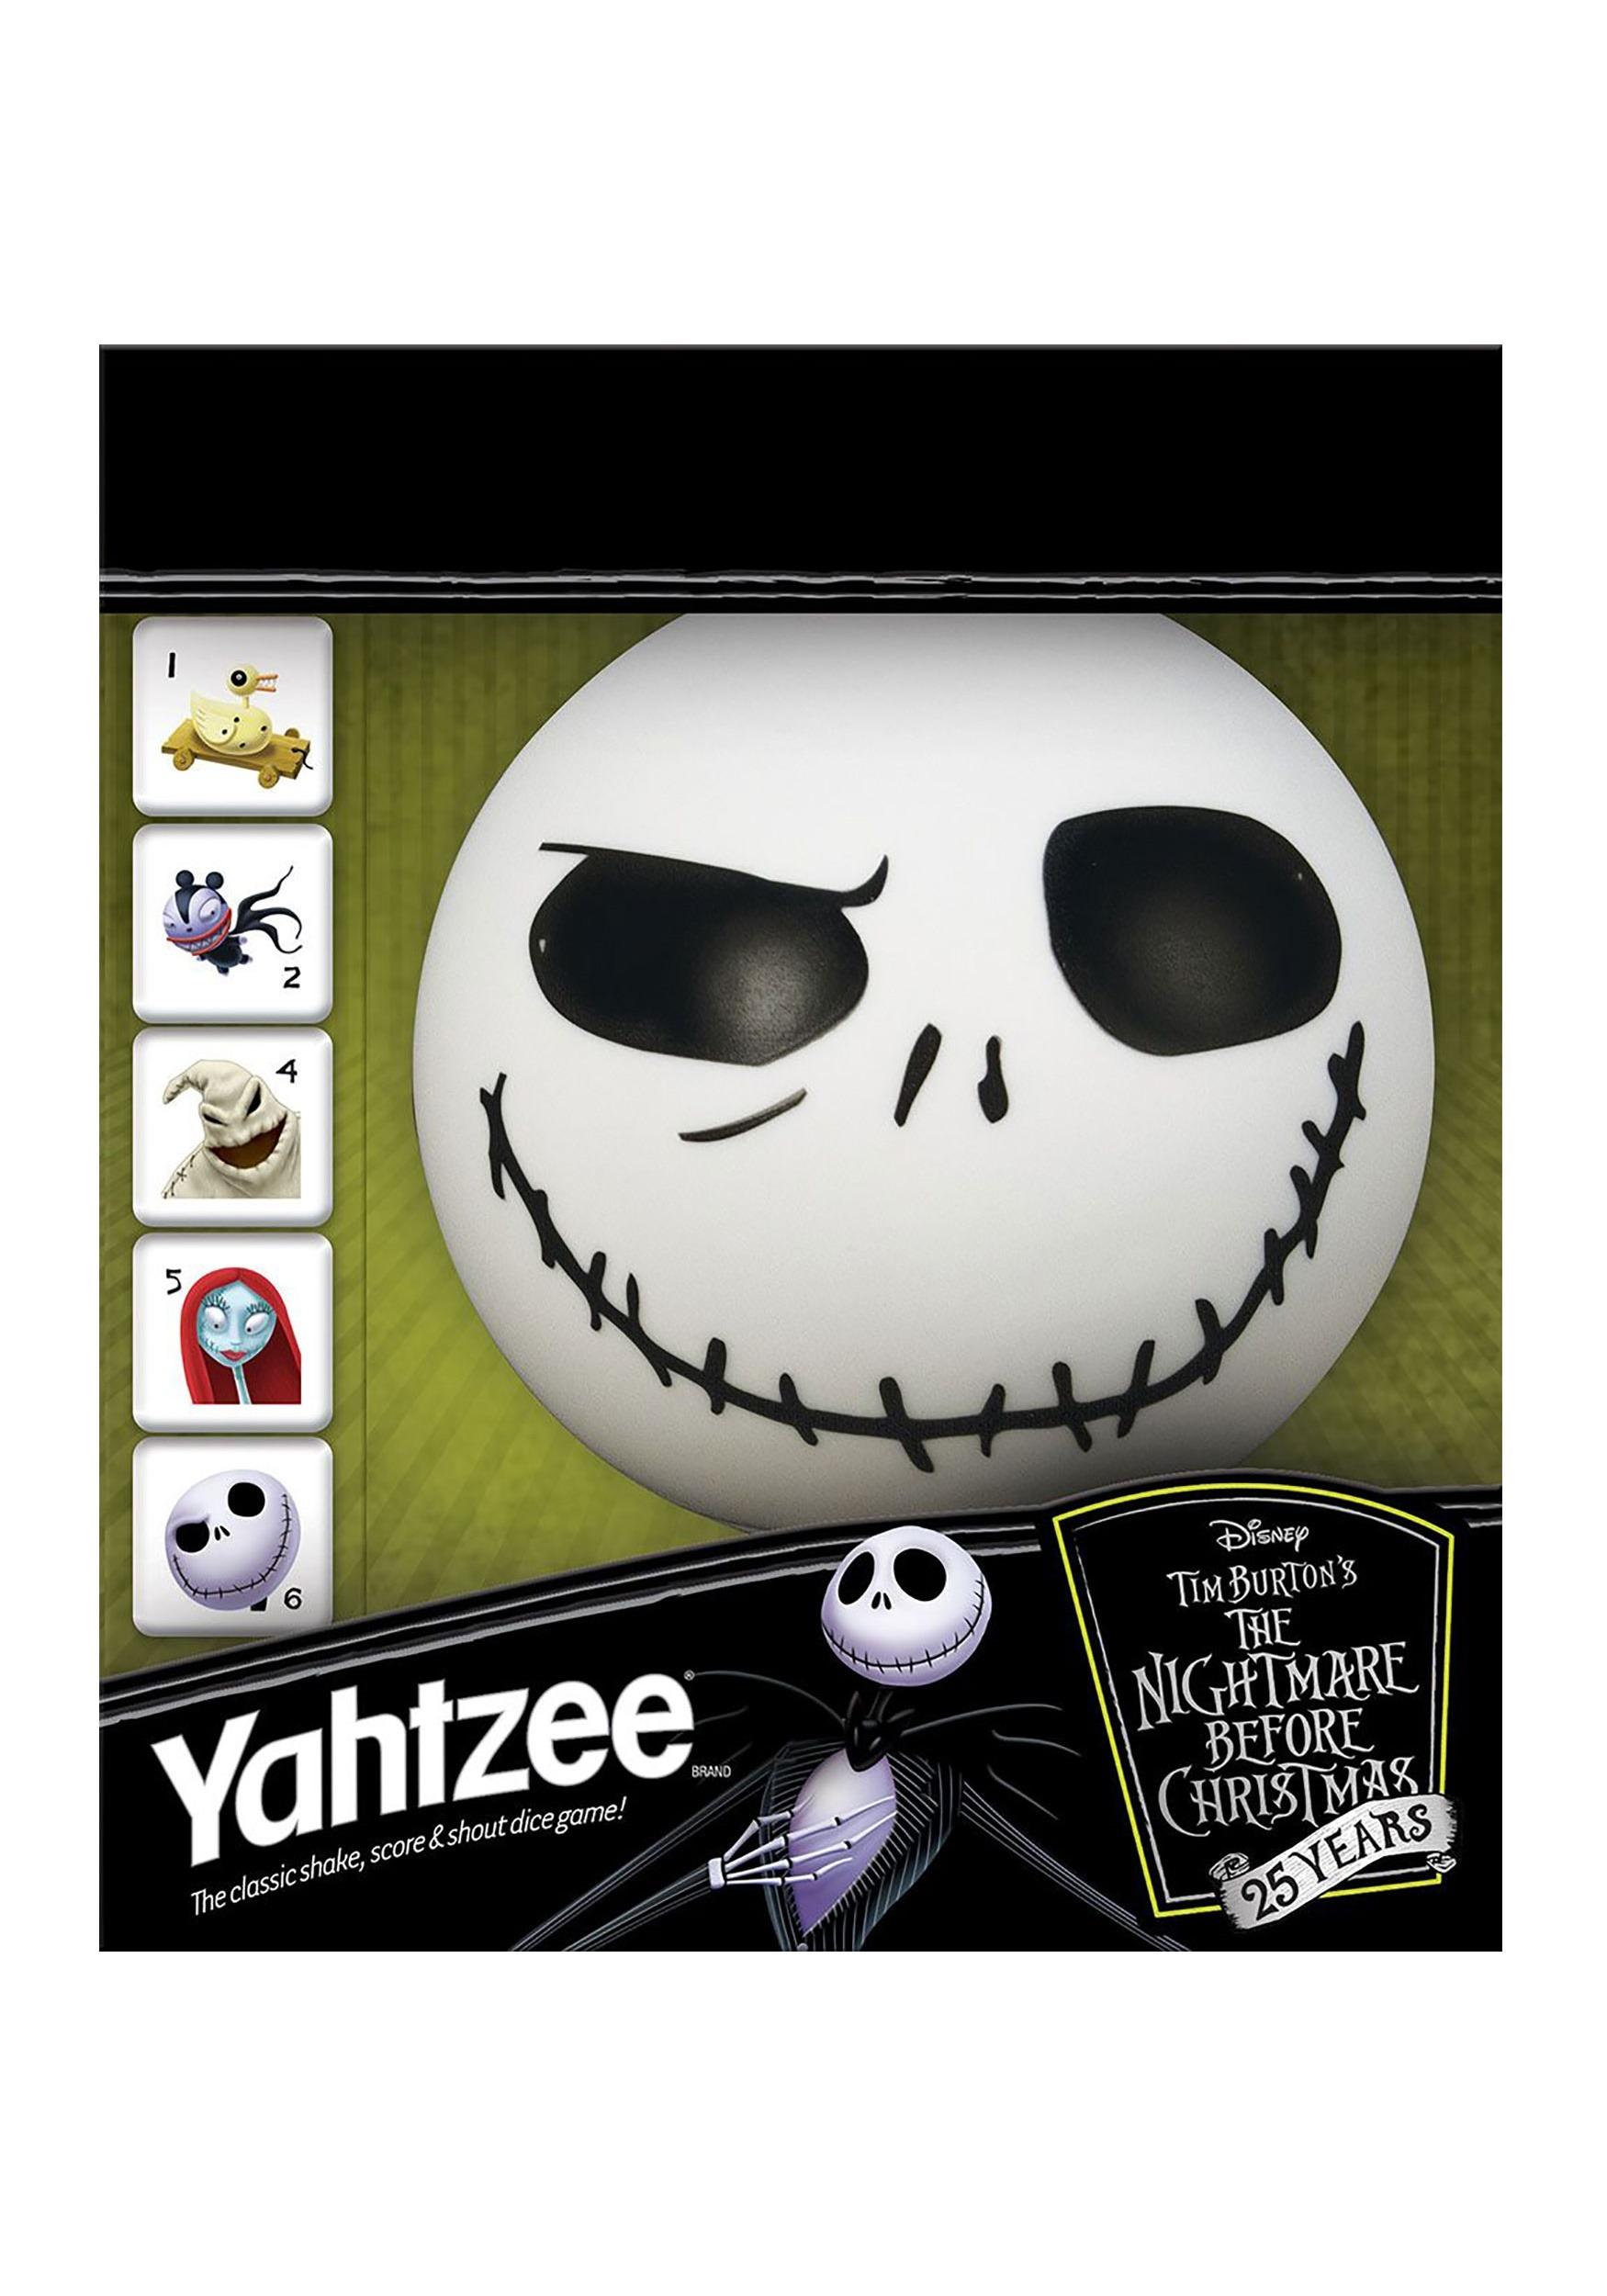 Yahtzee 25th Anniversary The Nightmare Before Christmas Game